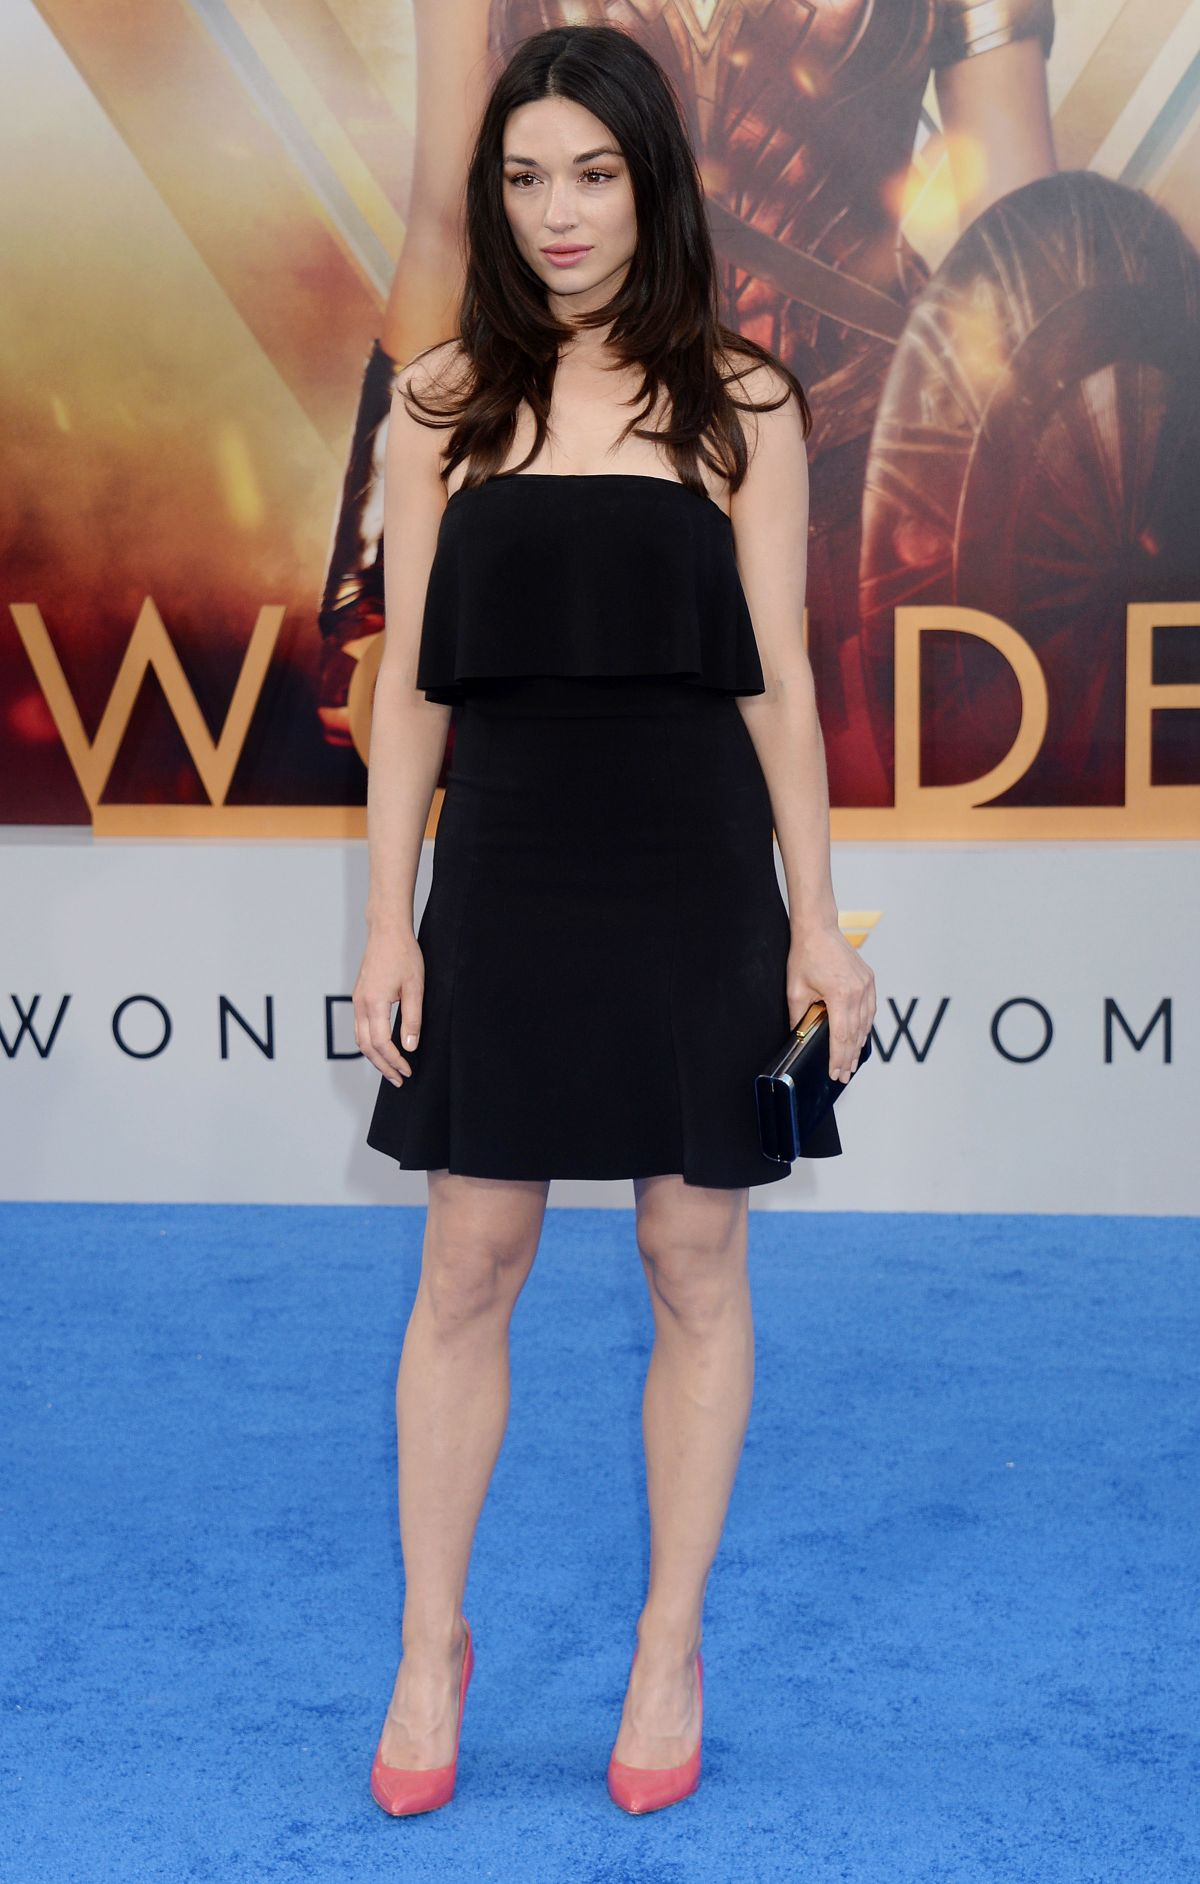 CRYSTAL REED at Wonder Woman Premiere in Los Angeles 05/25/2017